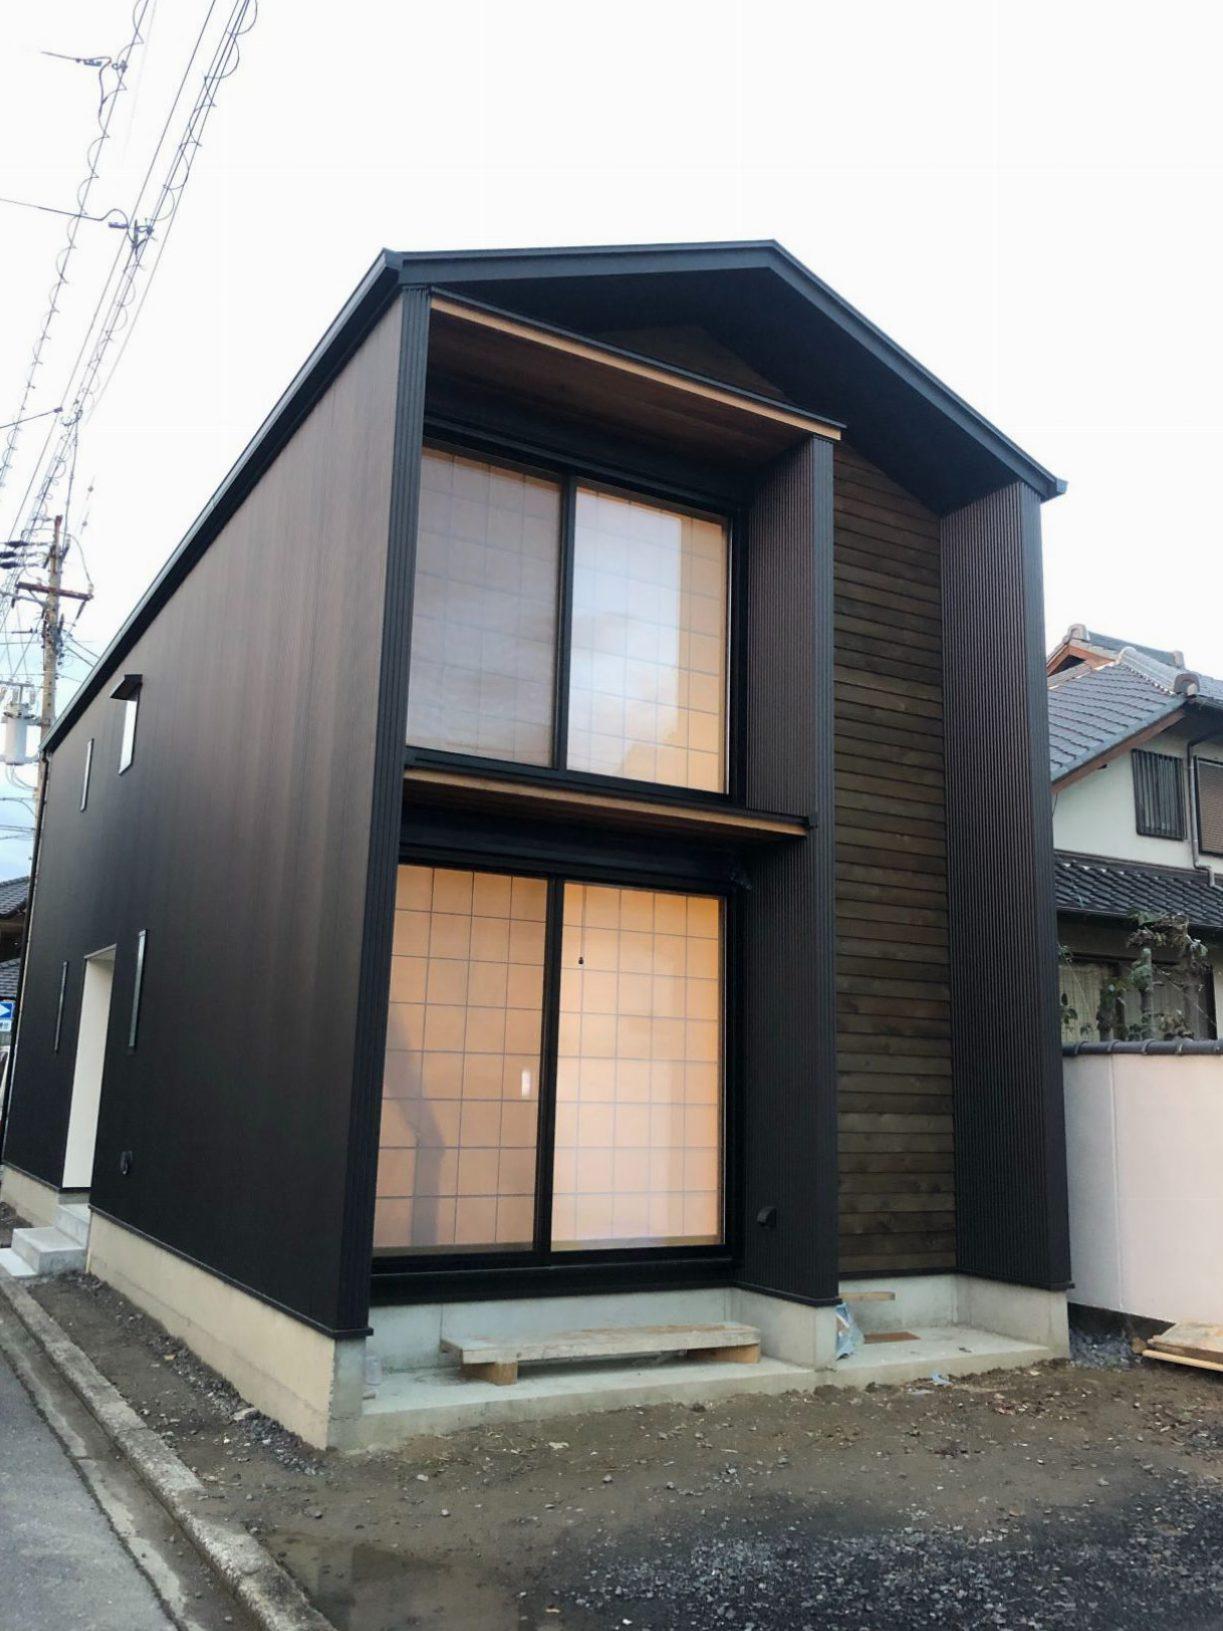 新築OPEN HOUSE【一宮市】2019年3月23日・24日開催のご案内